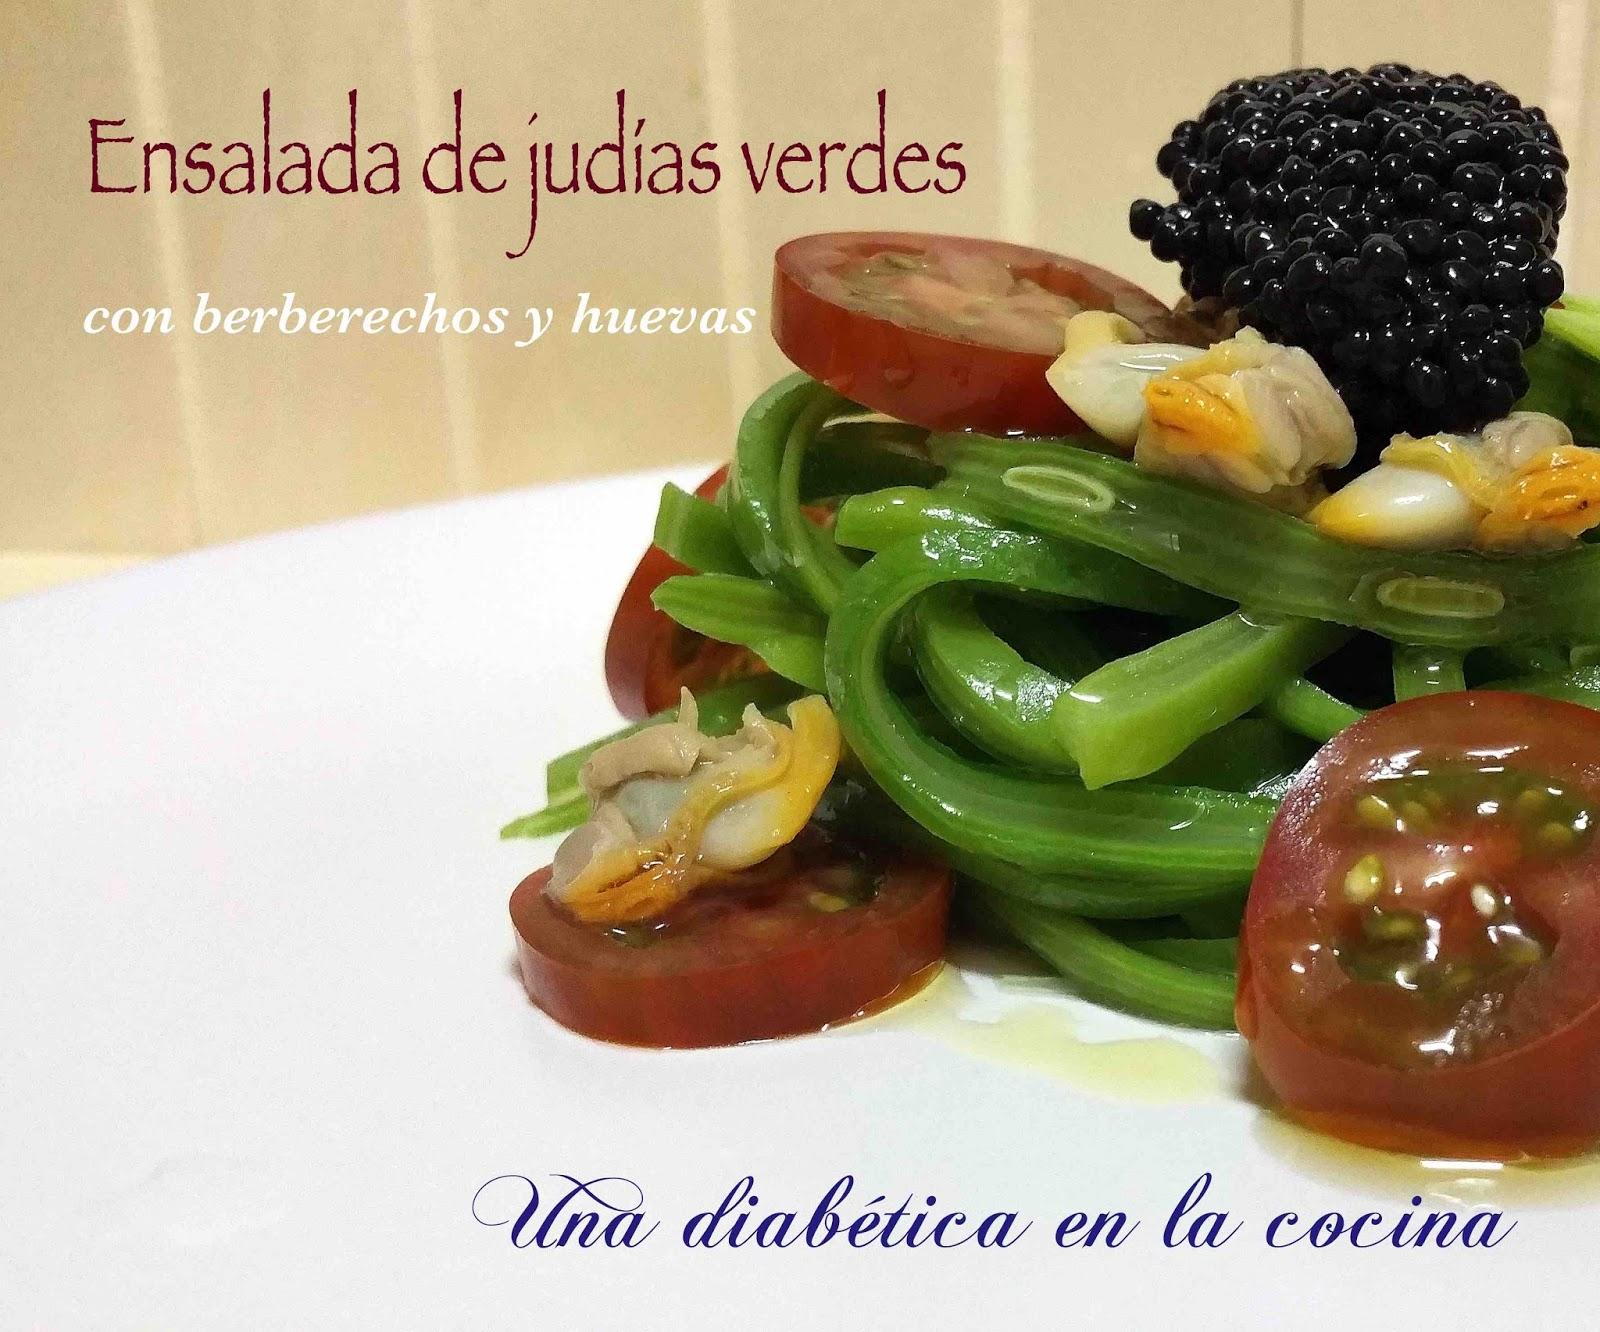 Una diab tica en la cocina ensalada de jud as verdes con - Calorias de las judias verdes ...